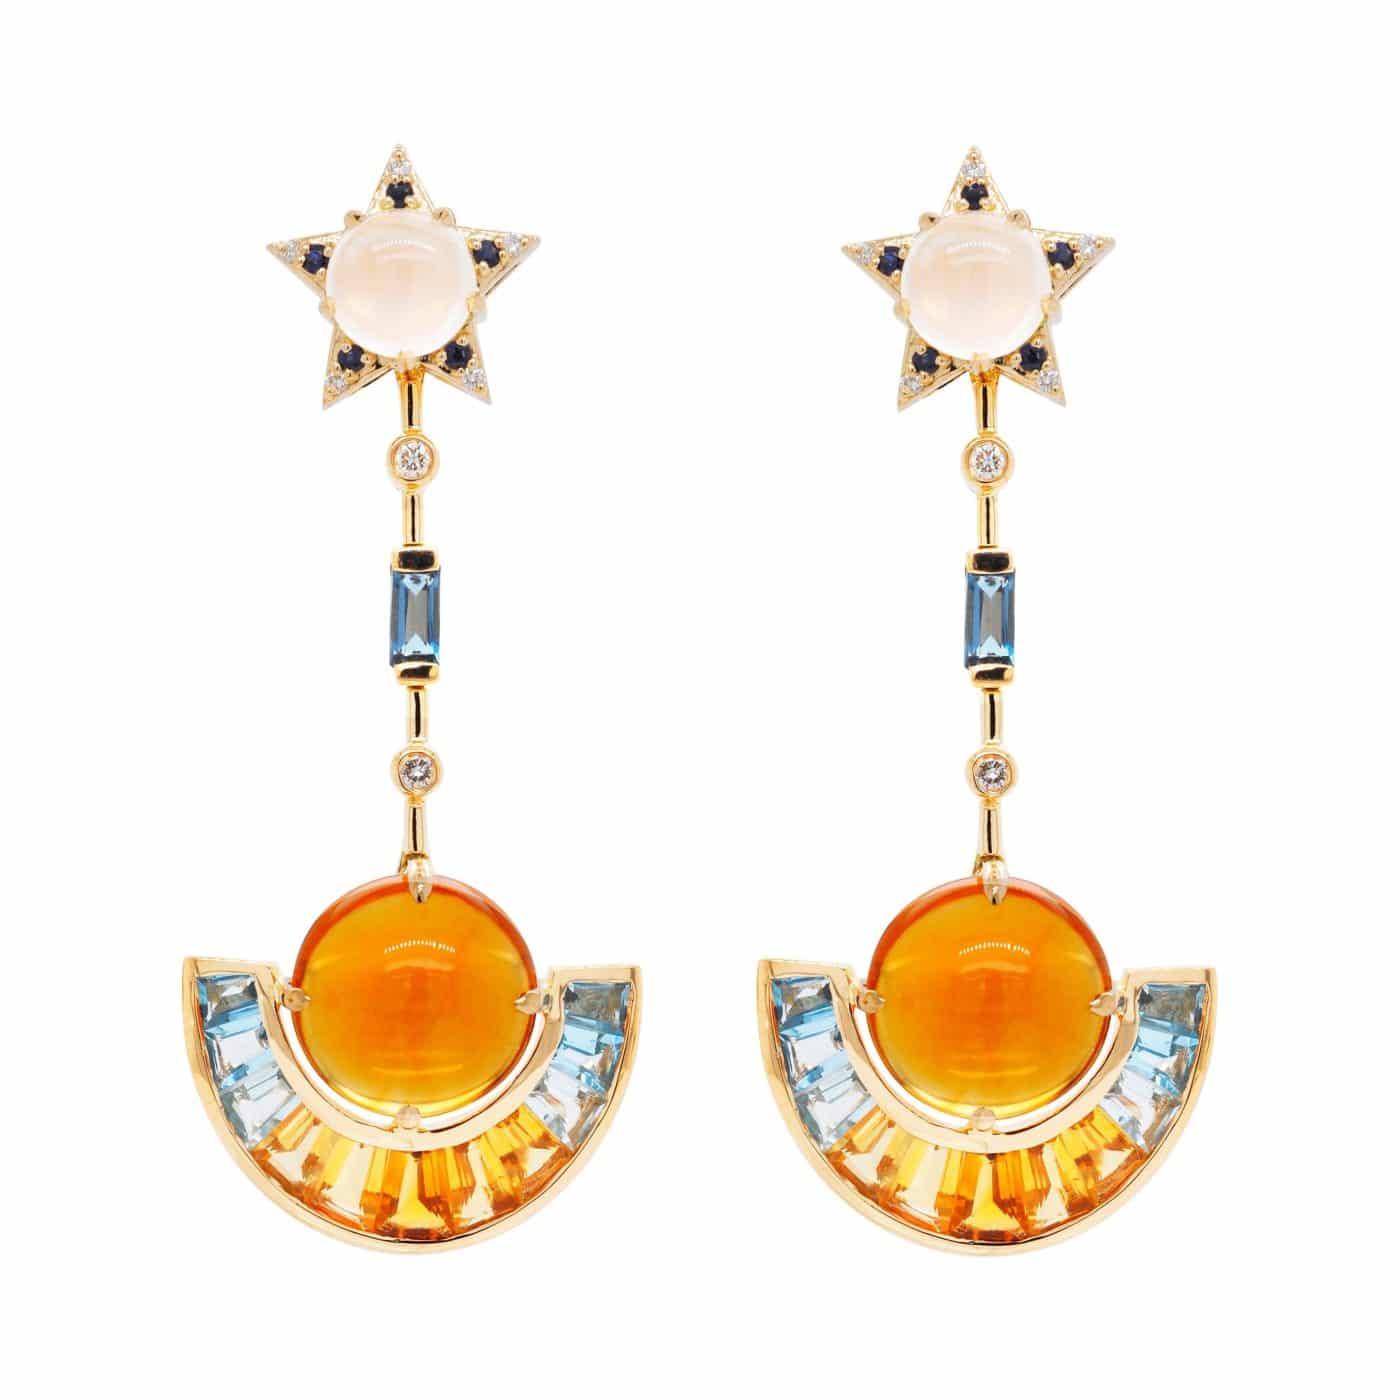 Detachable 18 Karat Gold Citrine Topaz Moonstone Blue Sapphire Diamond Earrings